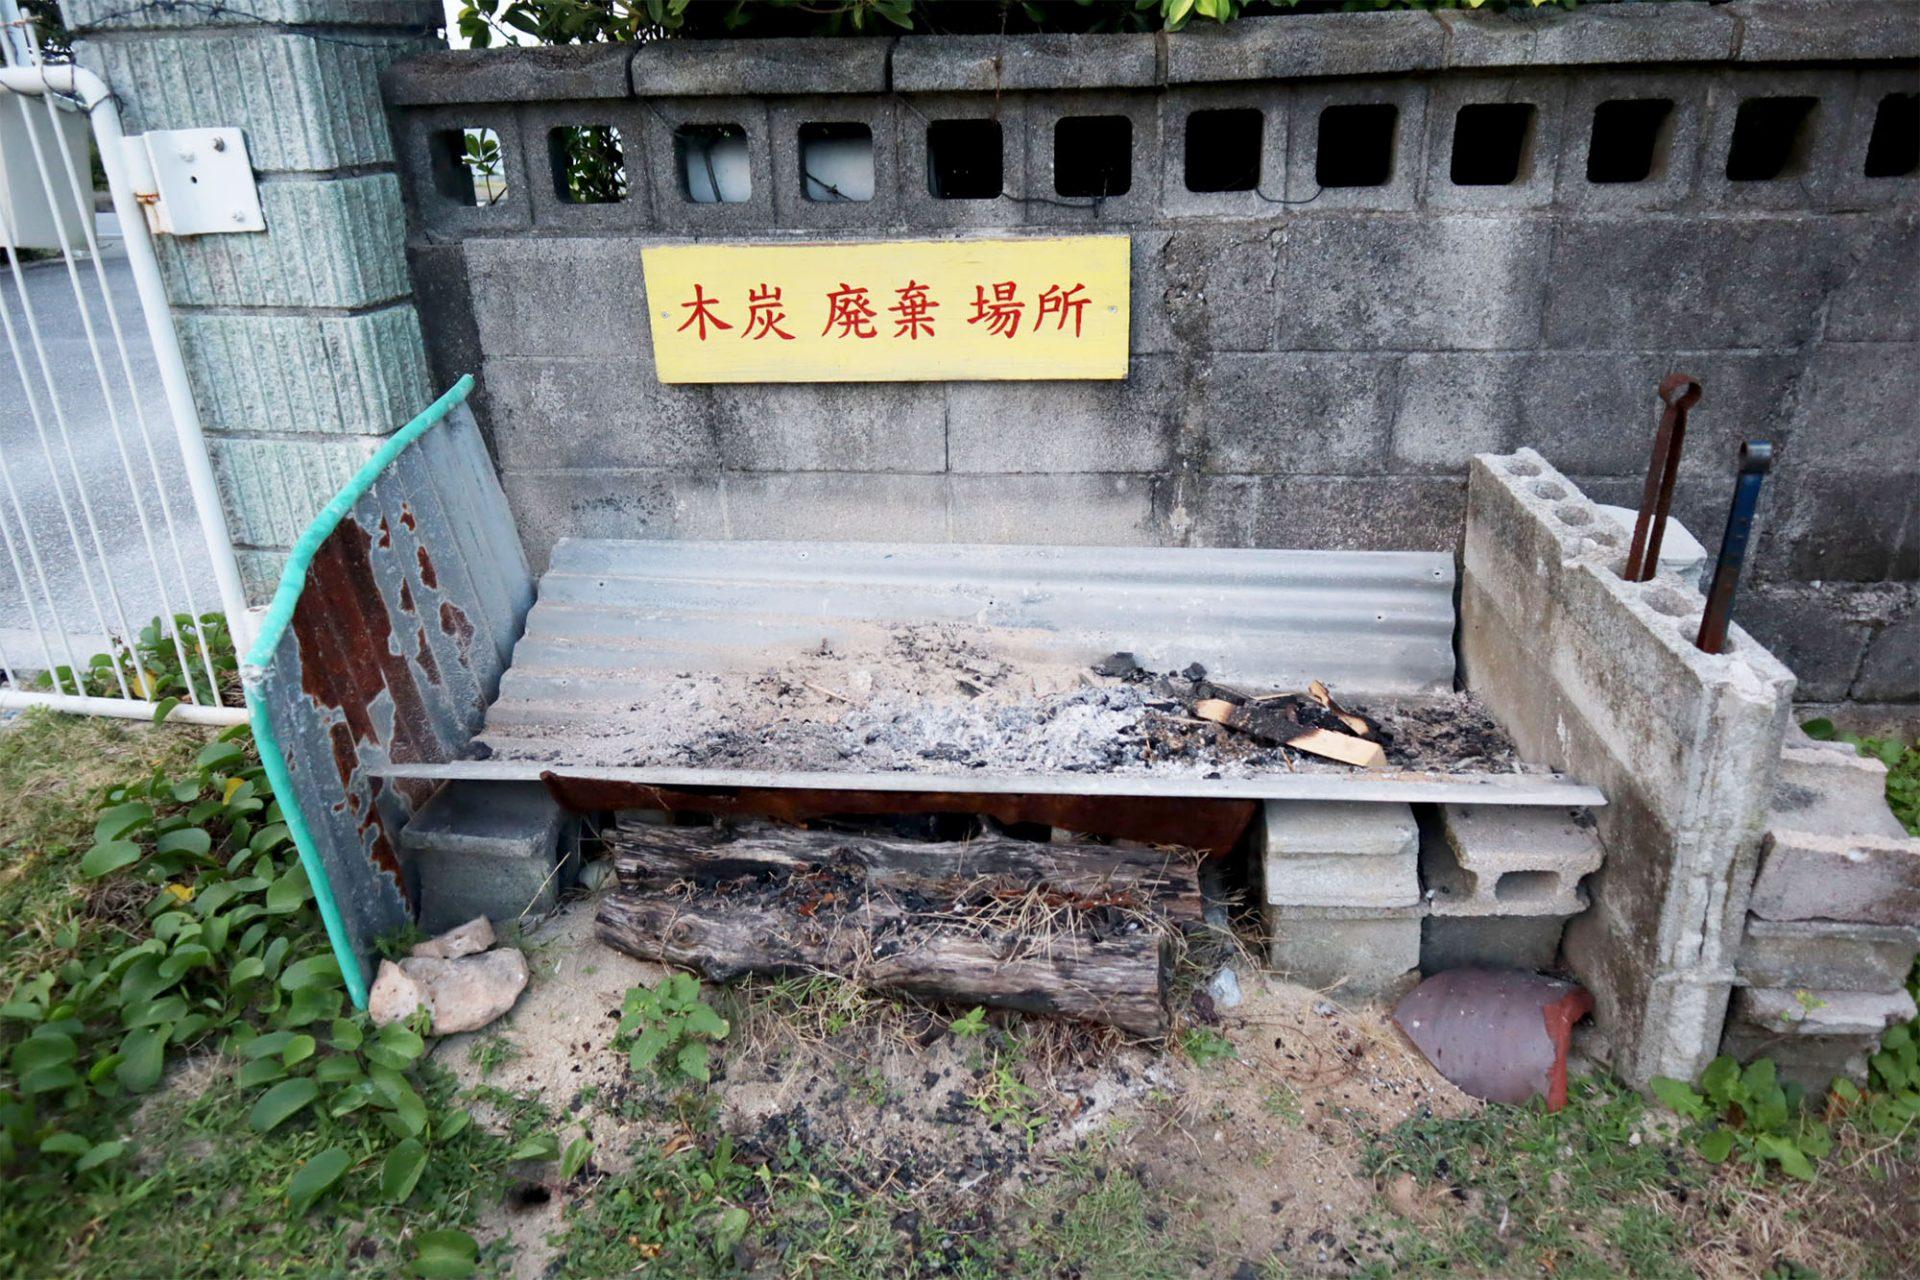 木炭の廃棄場所